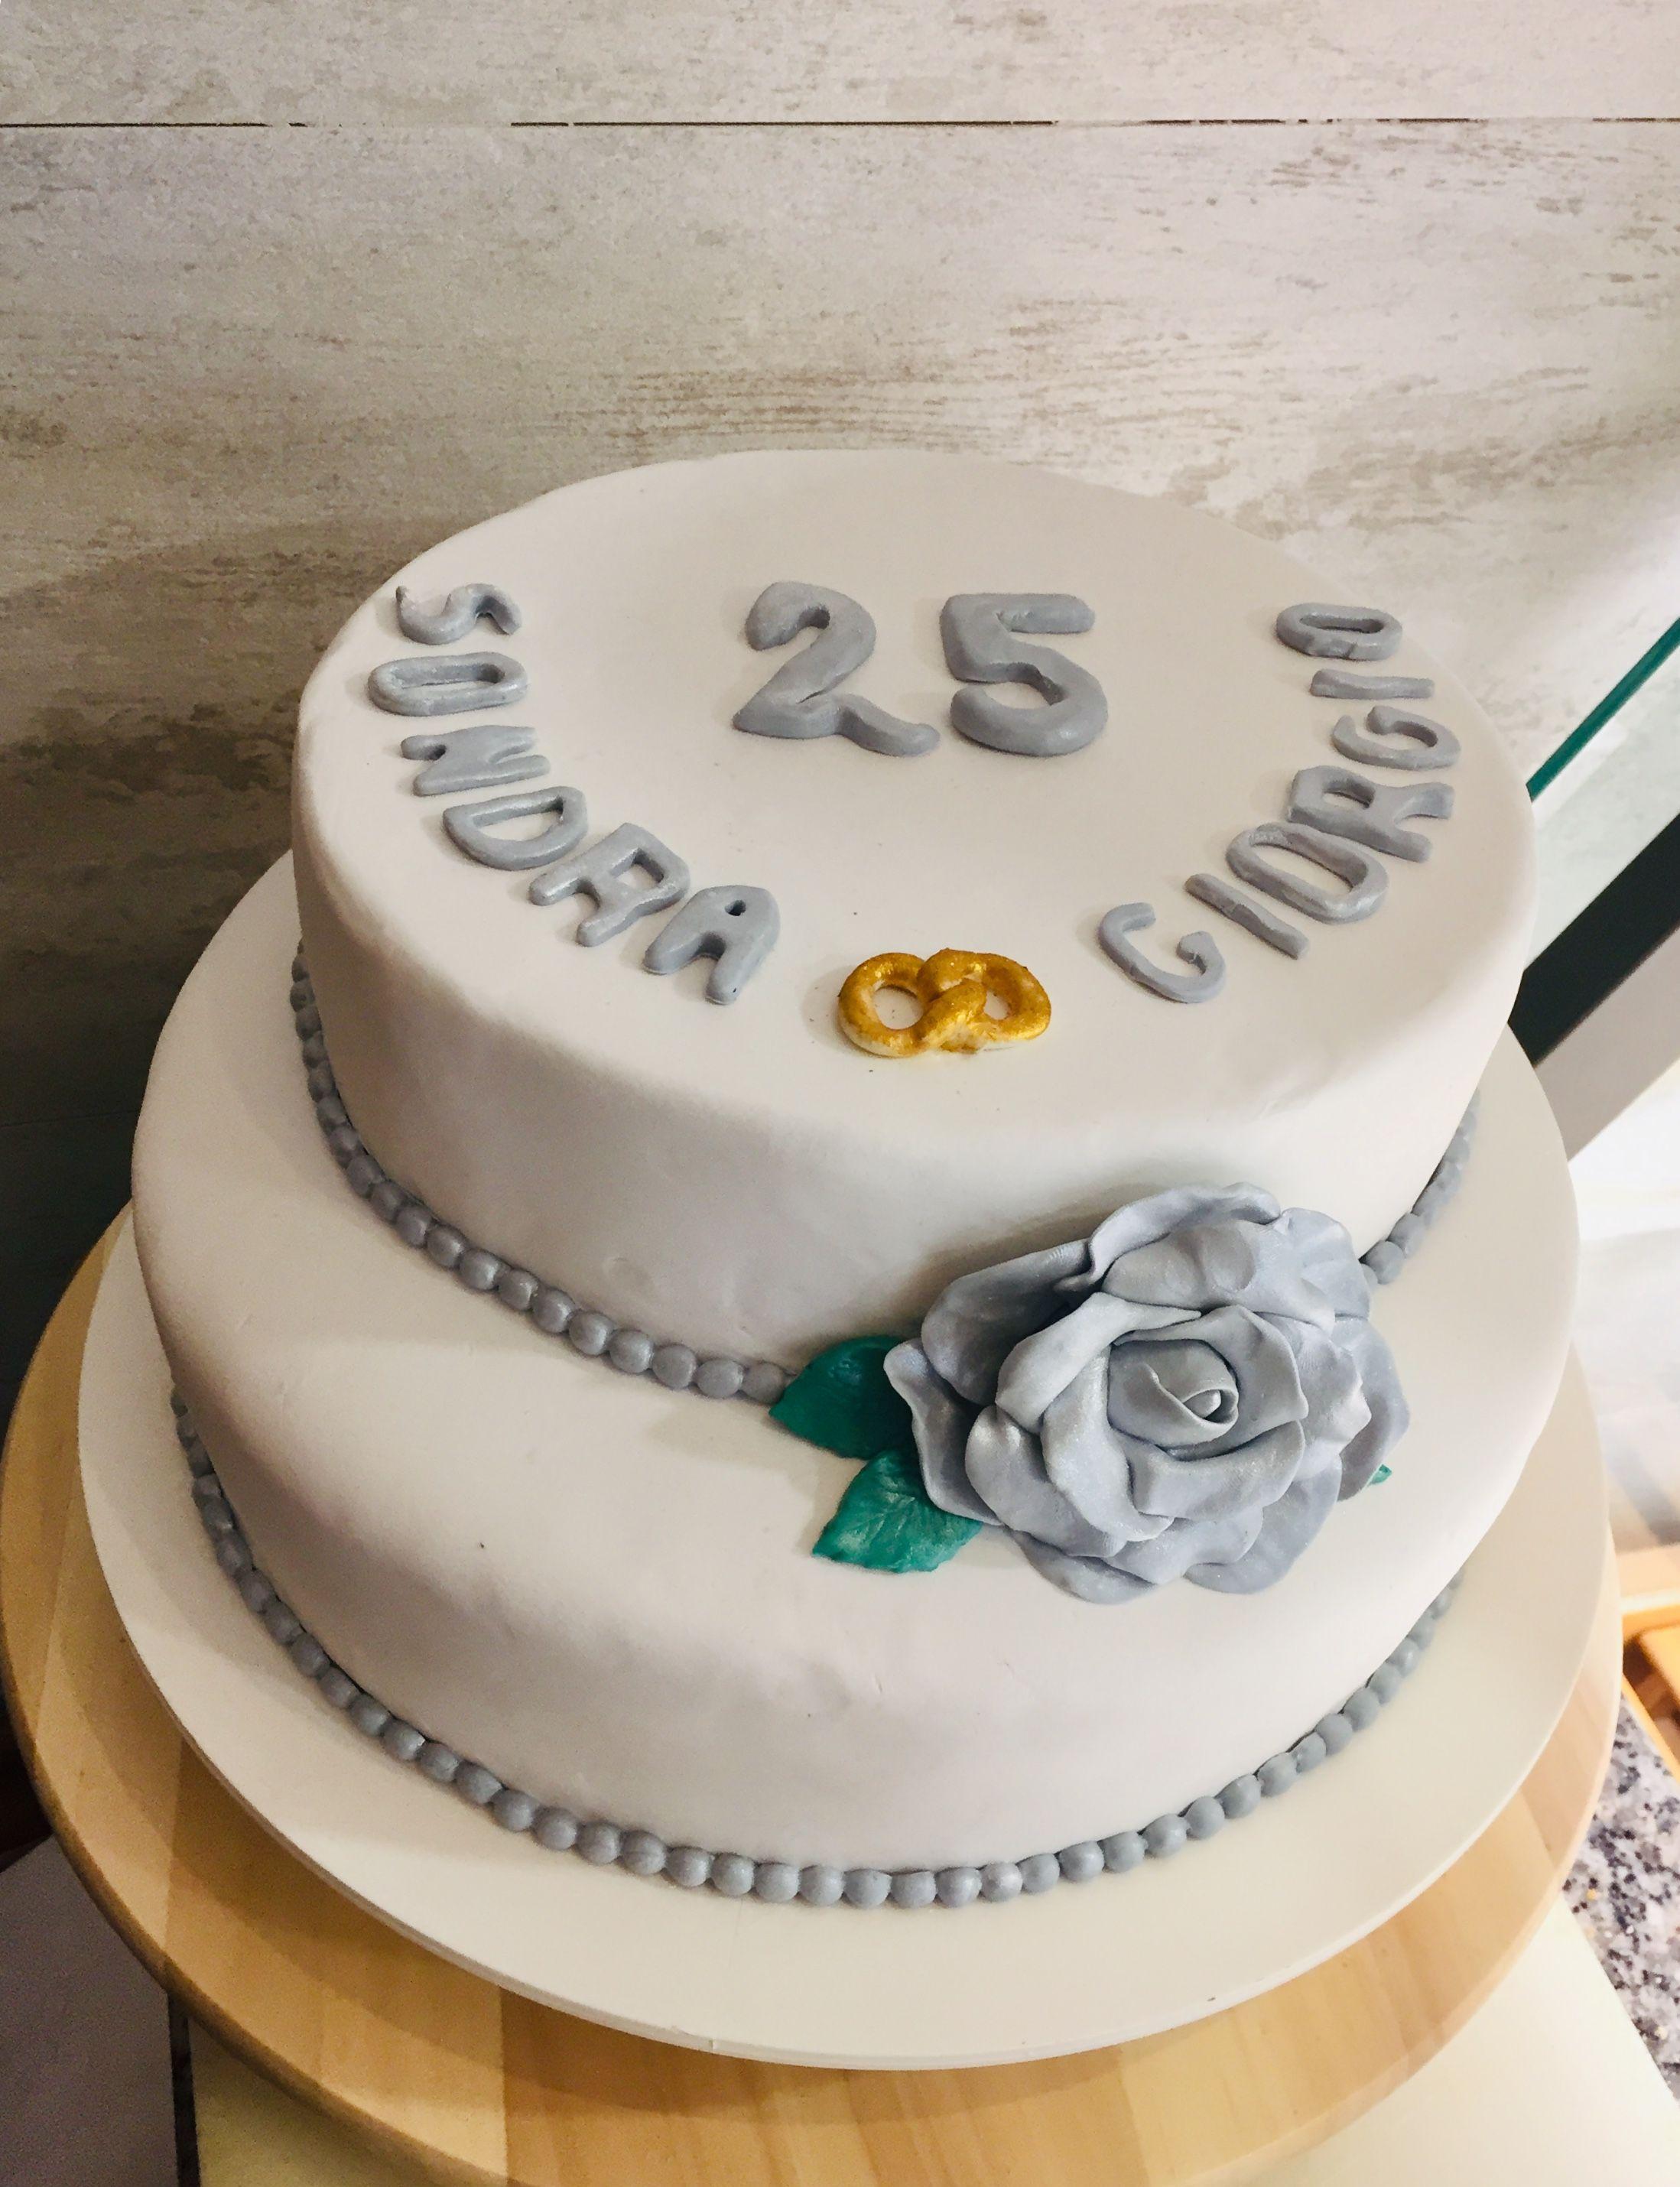 Torte Anniversario Di Matrimonio Pasta Di Zucchero.Anniversario Di Nozze Cake Design 25 Anni Insieme Torta